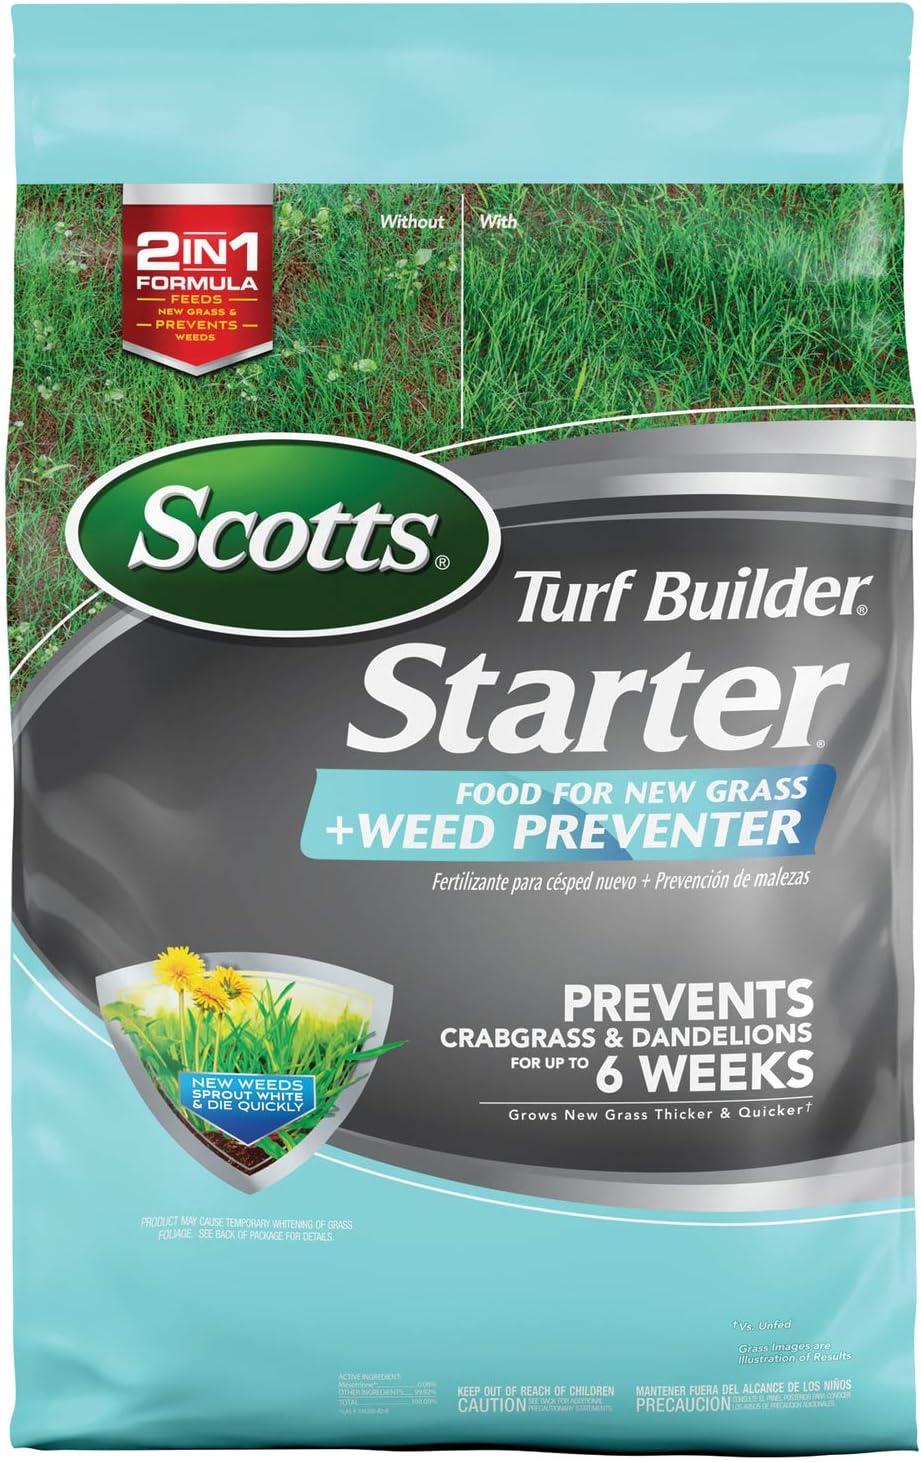 Scotts Turf Builder Starter